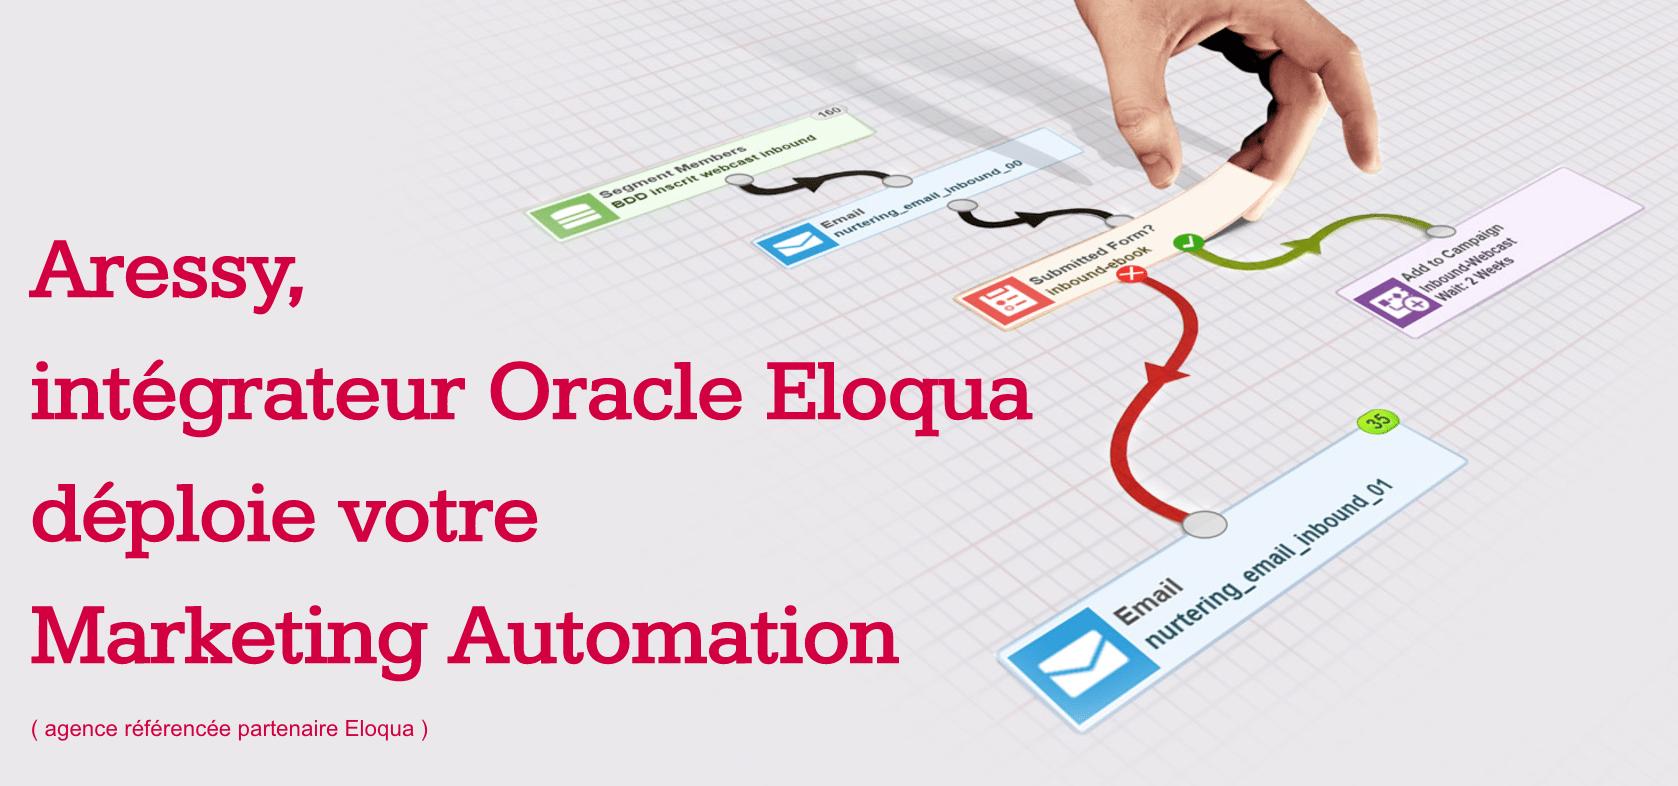 Oracle attribue à  Aressy un Top Level 5 Eloqua Maturity pour ses performances